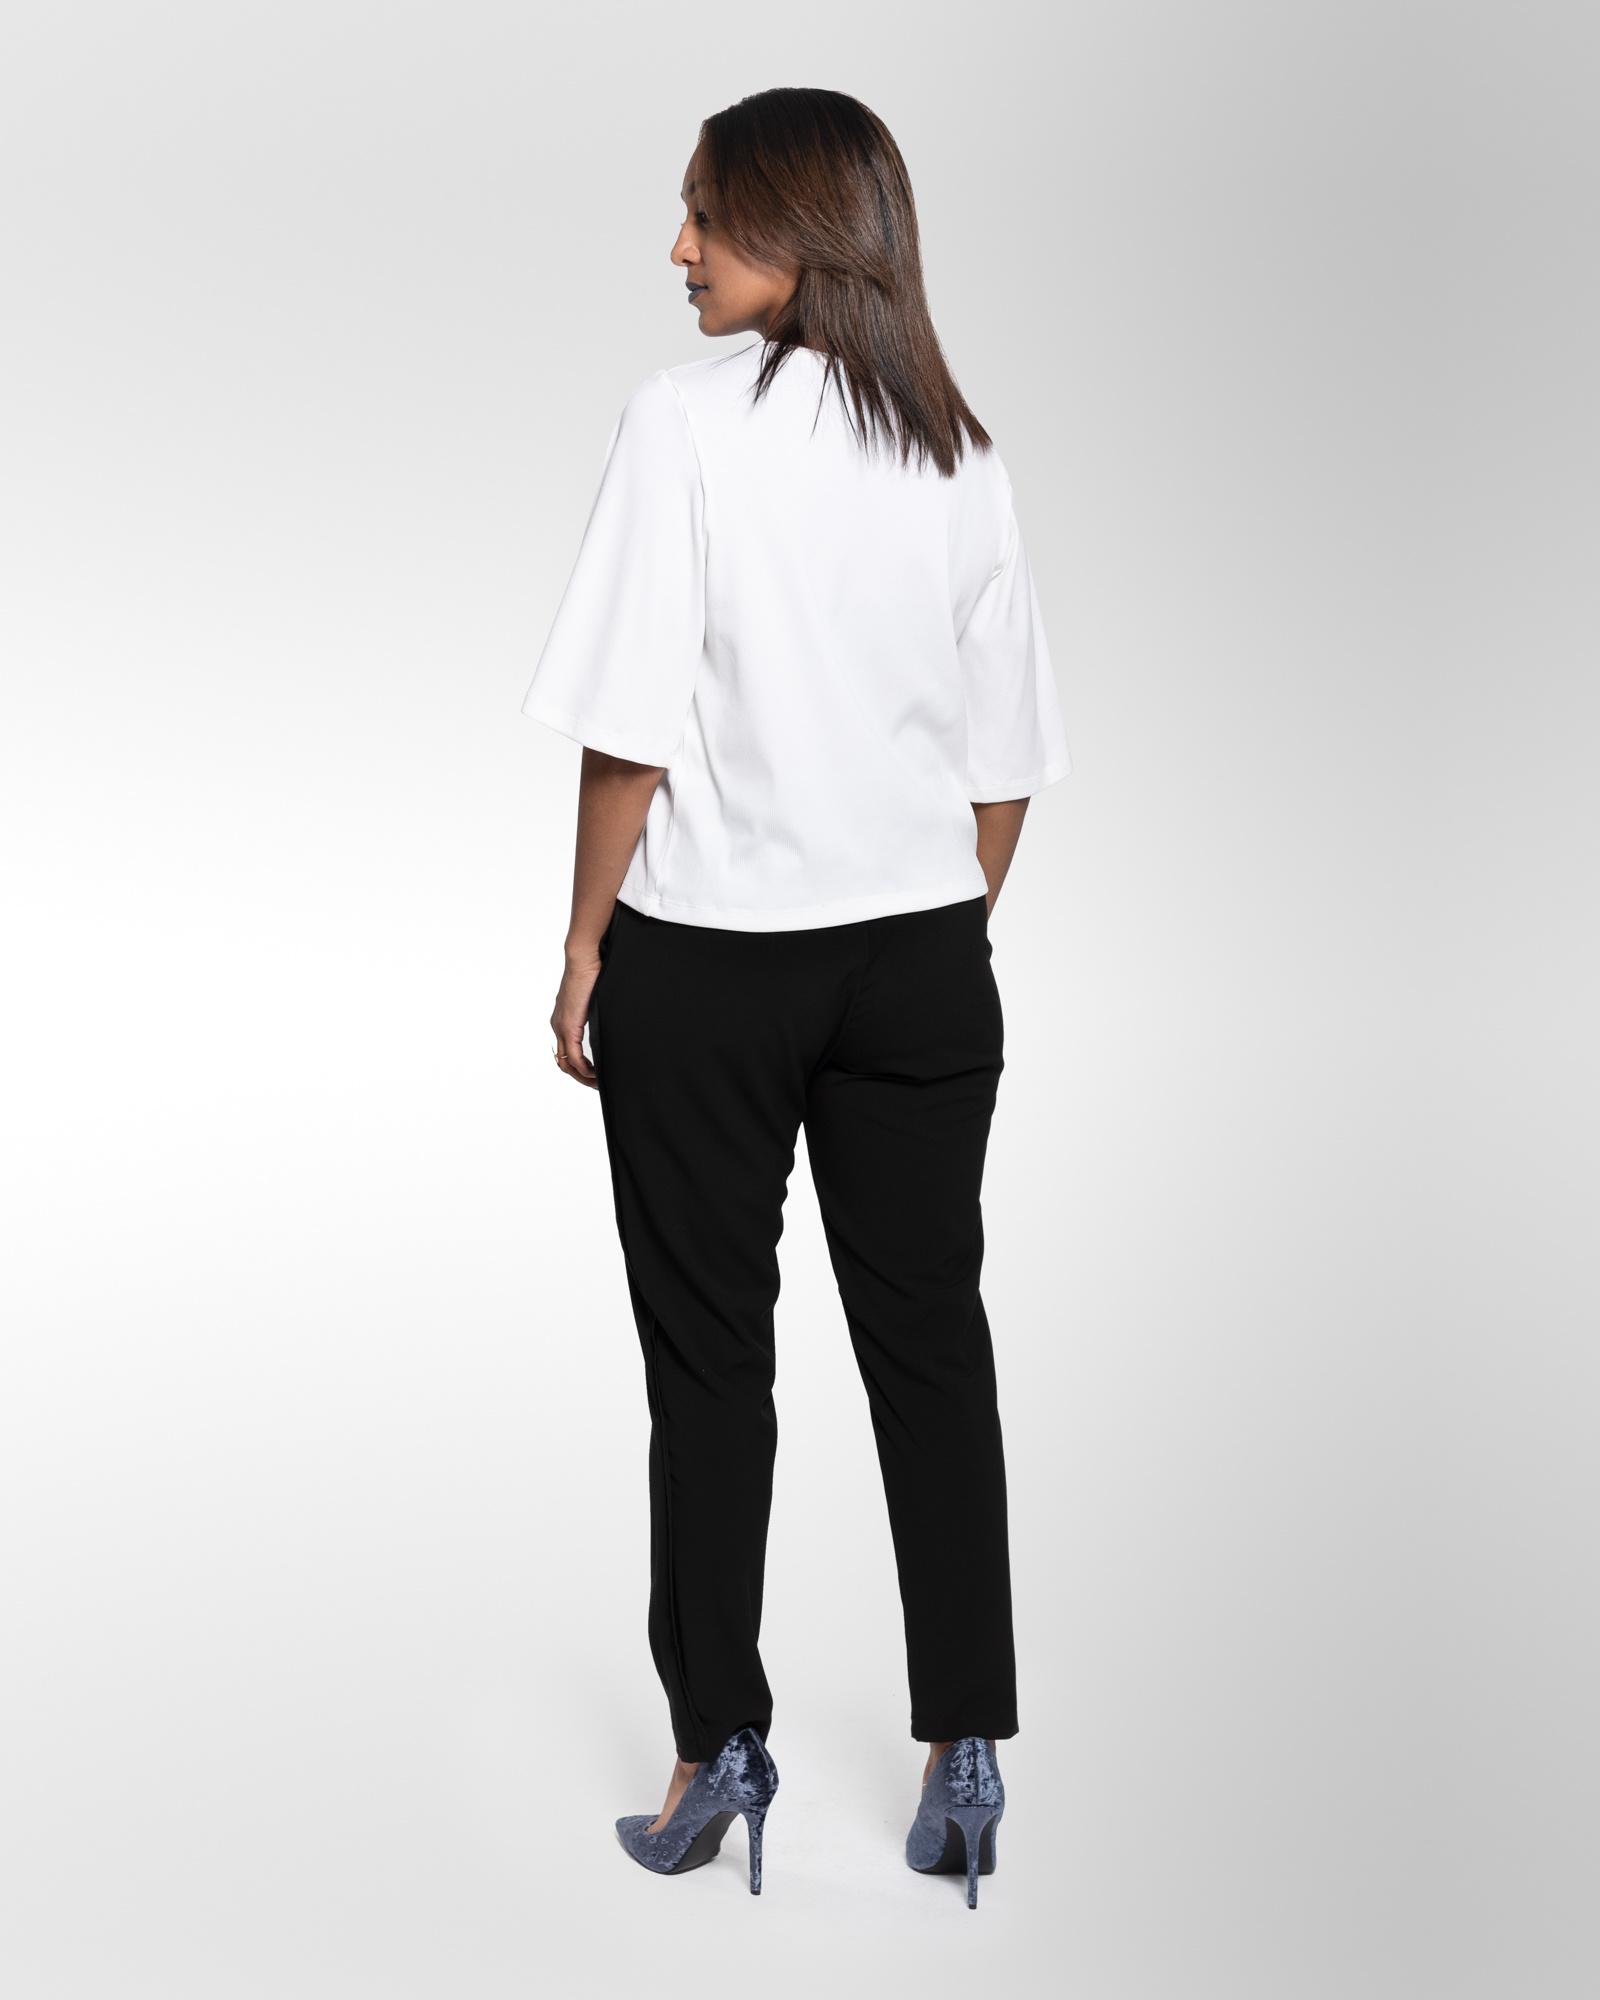 Zhara - t-shirt-3